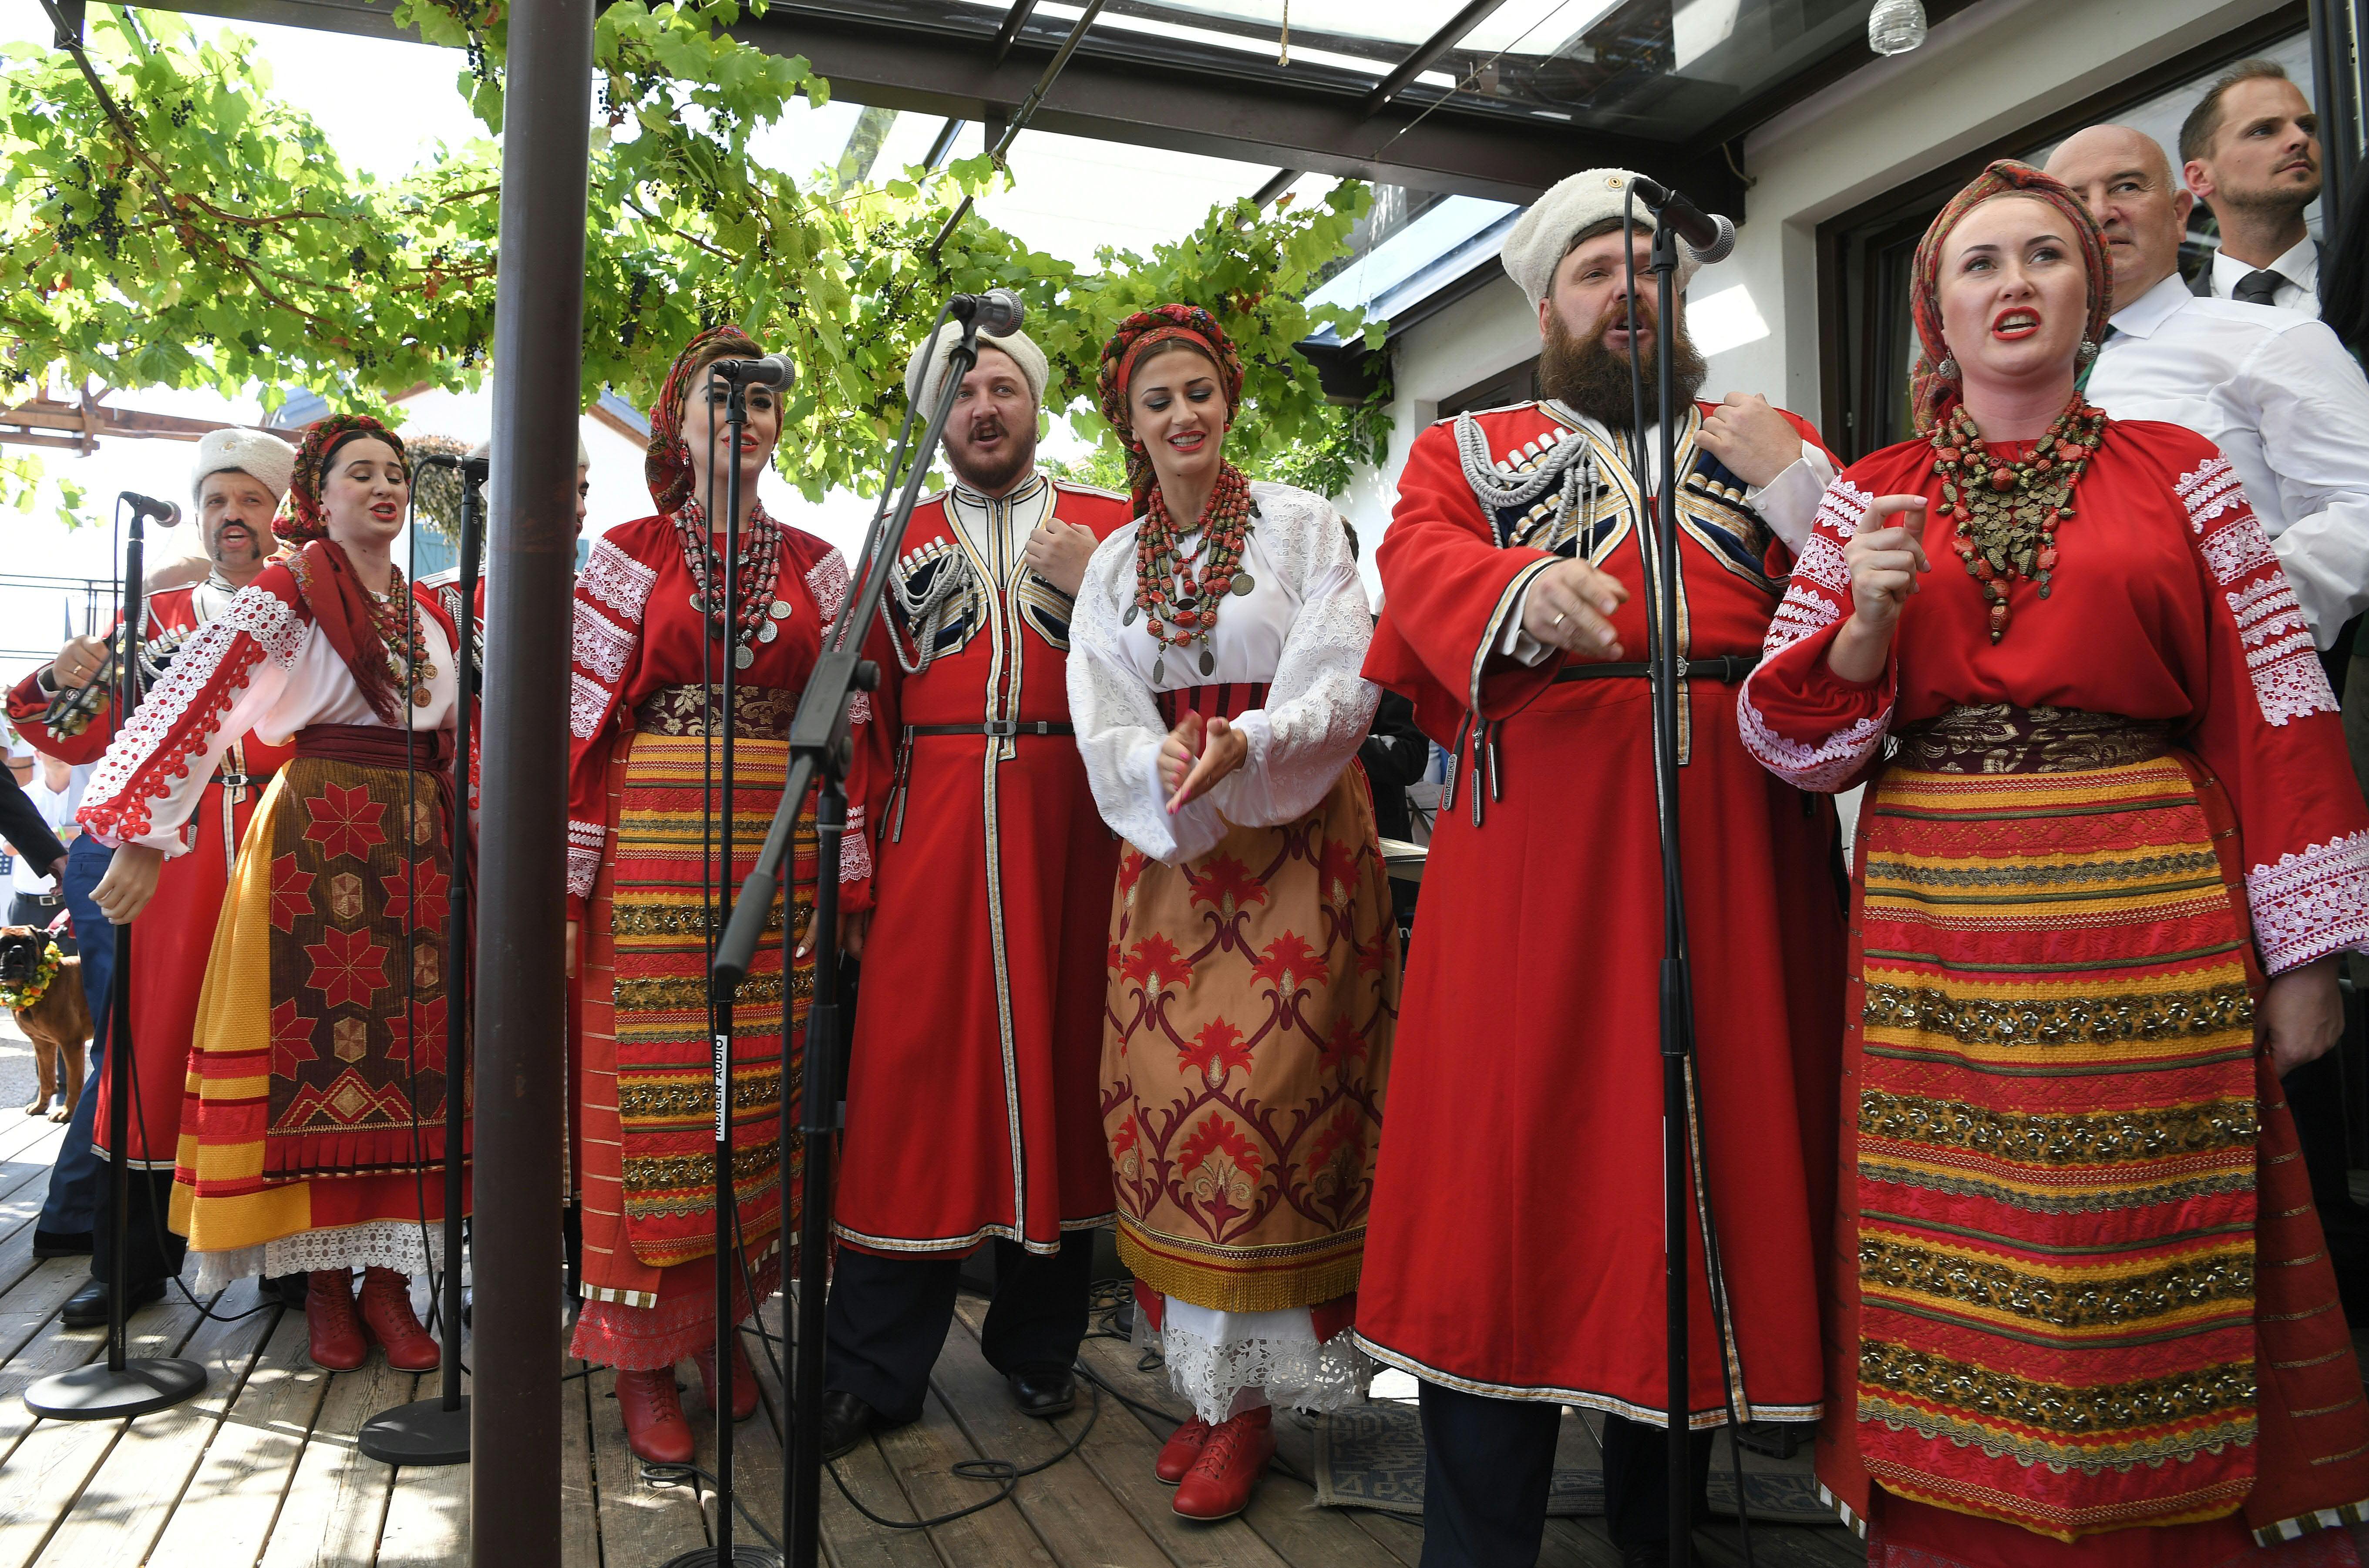 Според съобщения на австрийски и германски медии, позоваващи се на дипломатически източници, именно изпълнението на казашкия ансамбъл ще бъде сватбеният подарък на руския президент за младоженците.